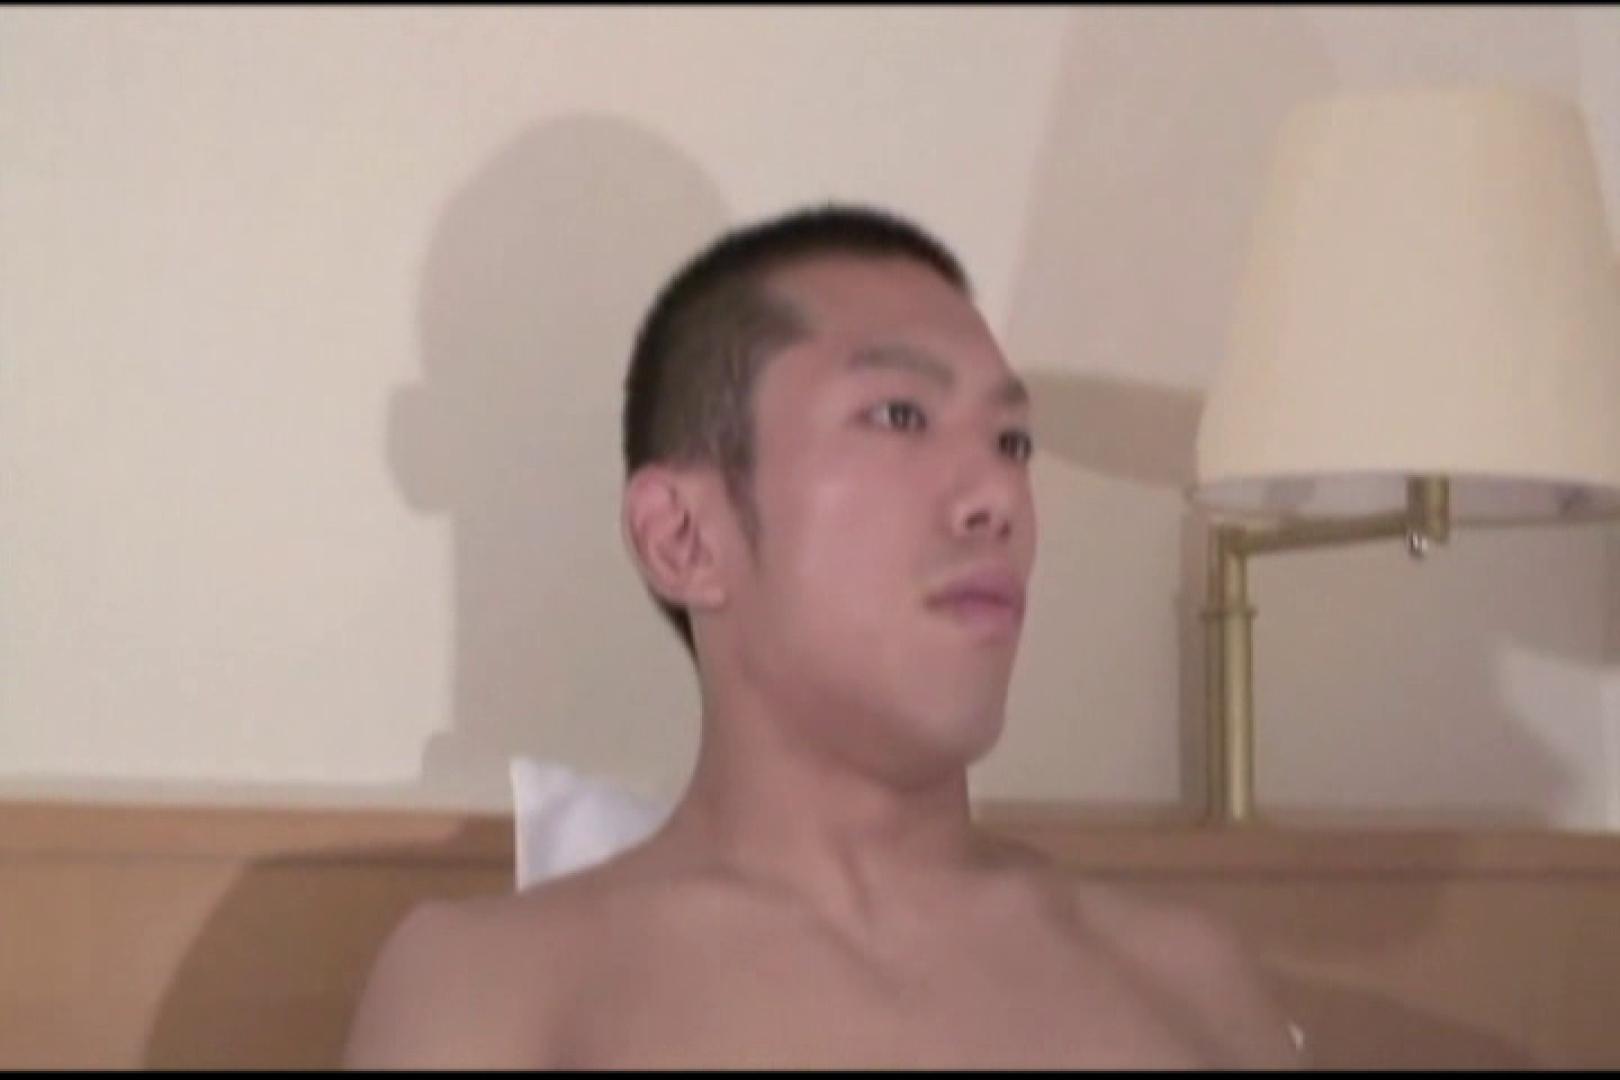 アナPさん投稿!目がパッチリなイケメンサル系男子の昇天劇。 サル系男子 しりまんこ画像 78枚 38